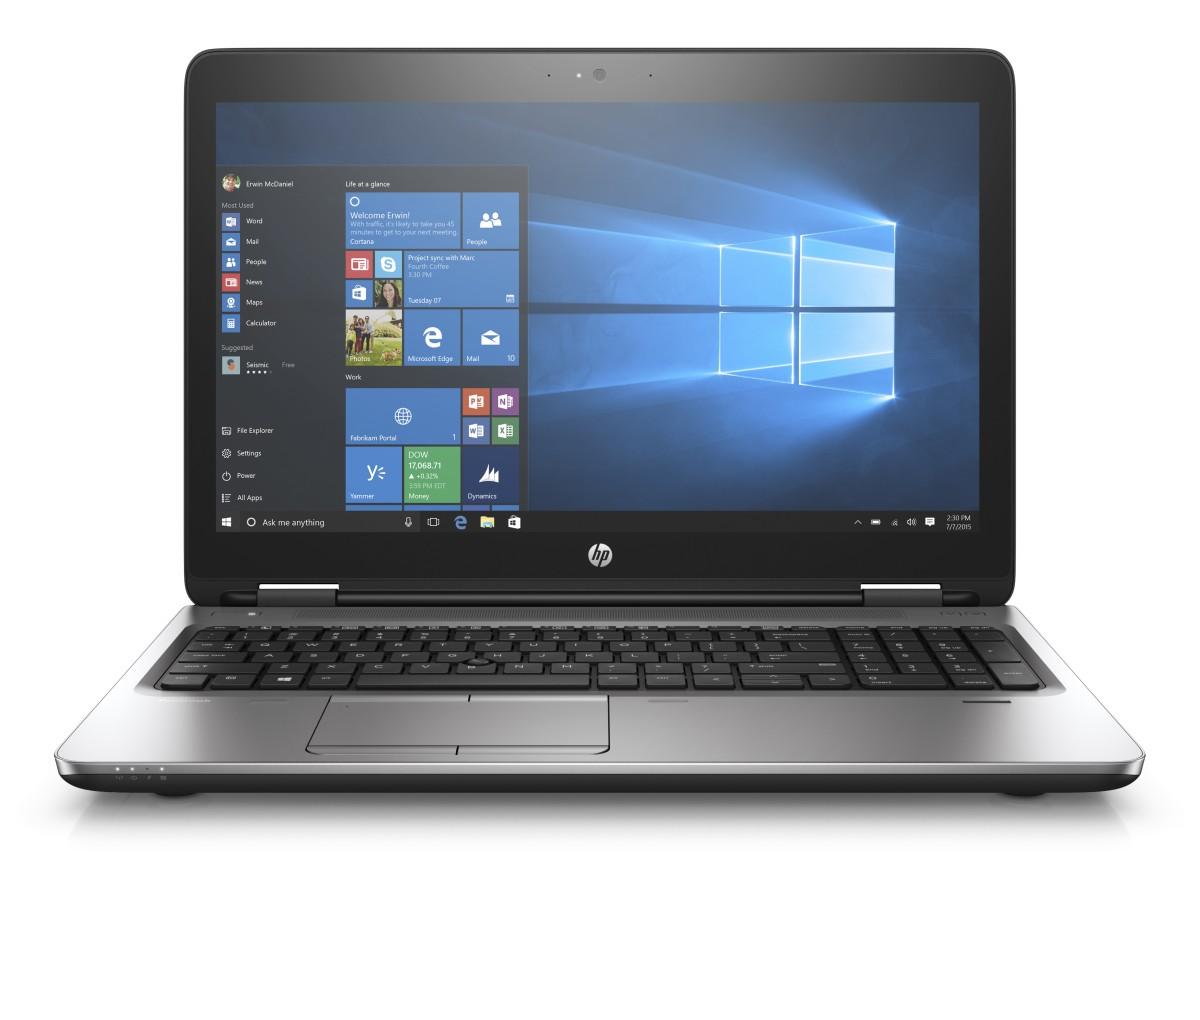 HP ProBook 655 G3 A10-8730B 15.6 FHD CAM, 4GB, 500GB, DVDRW, ac, BT, FpR, no backlit keyb, serial, Win10Pro